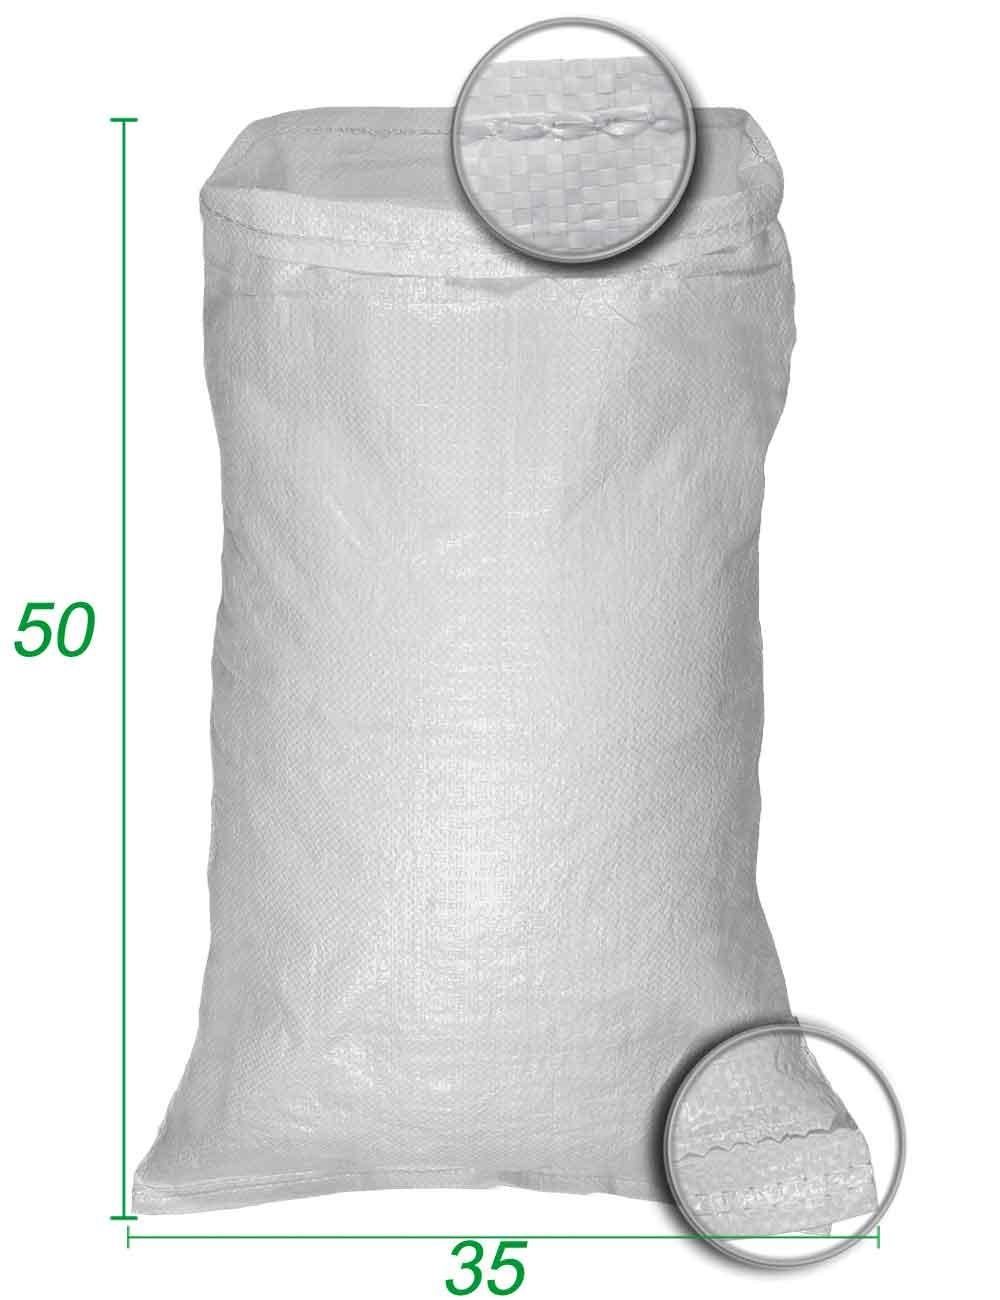 Sacchetto riutilizzabile in polipropilene Bianco Dim 35X50 cm